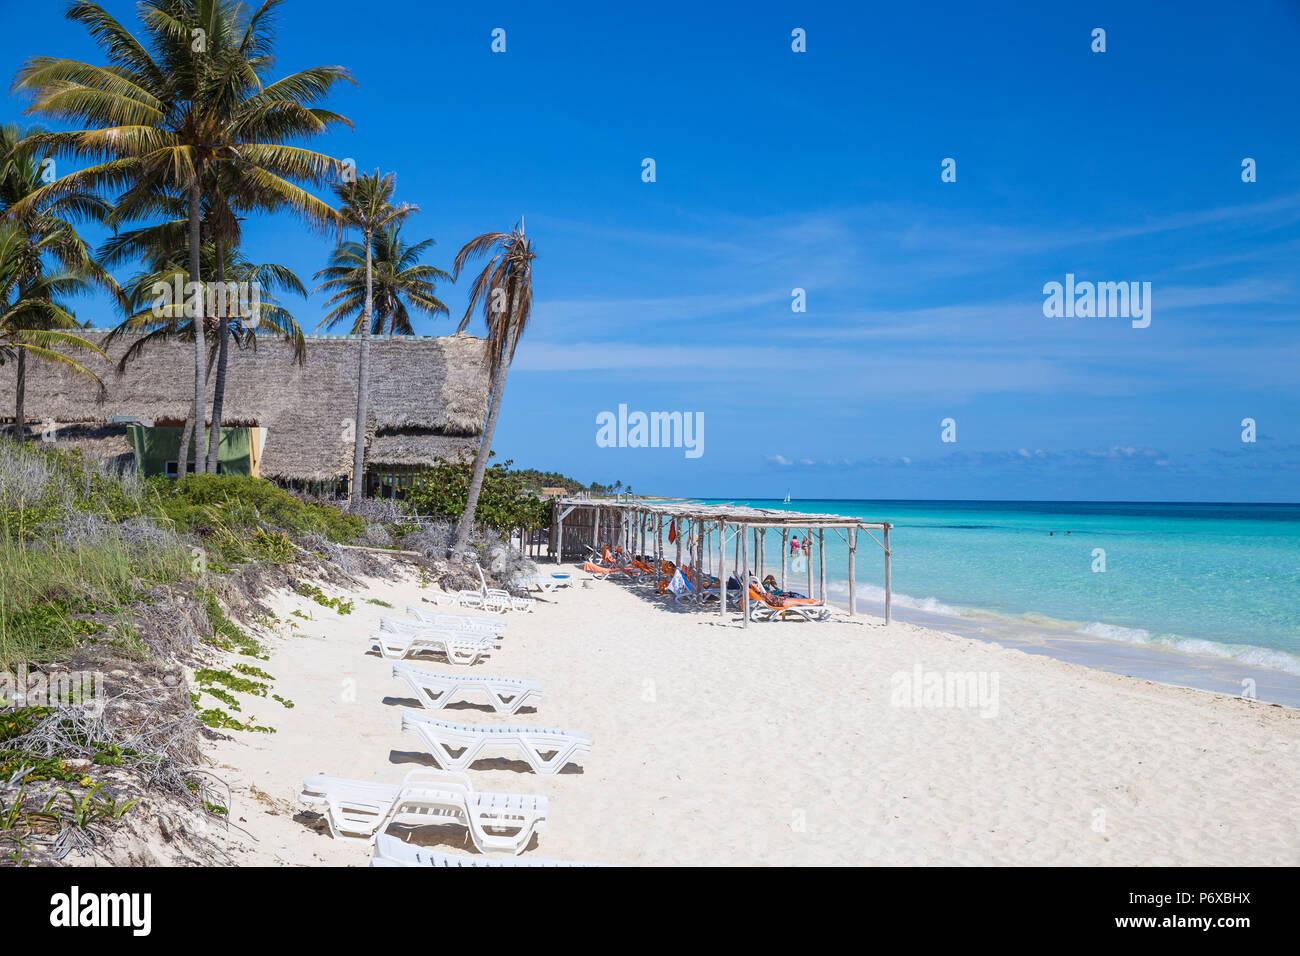 Cuba, Jardines del Rey, Cayo Coco, Playa Larga Imagen De Stock